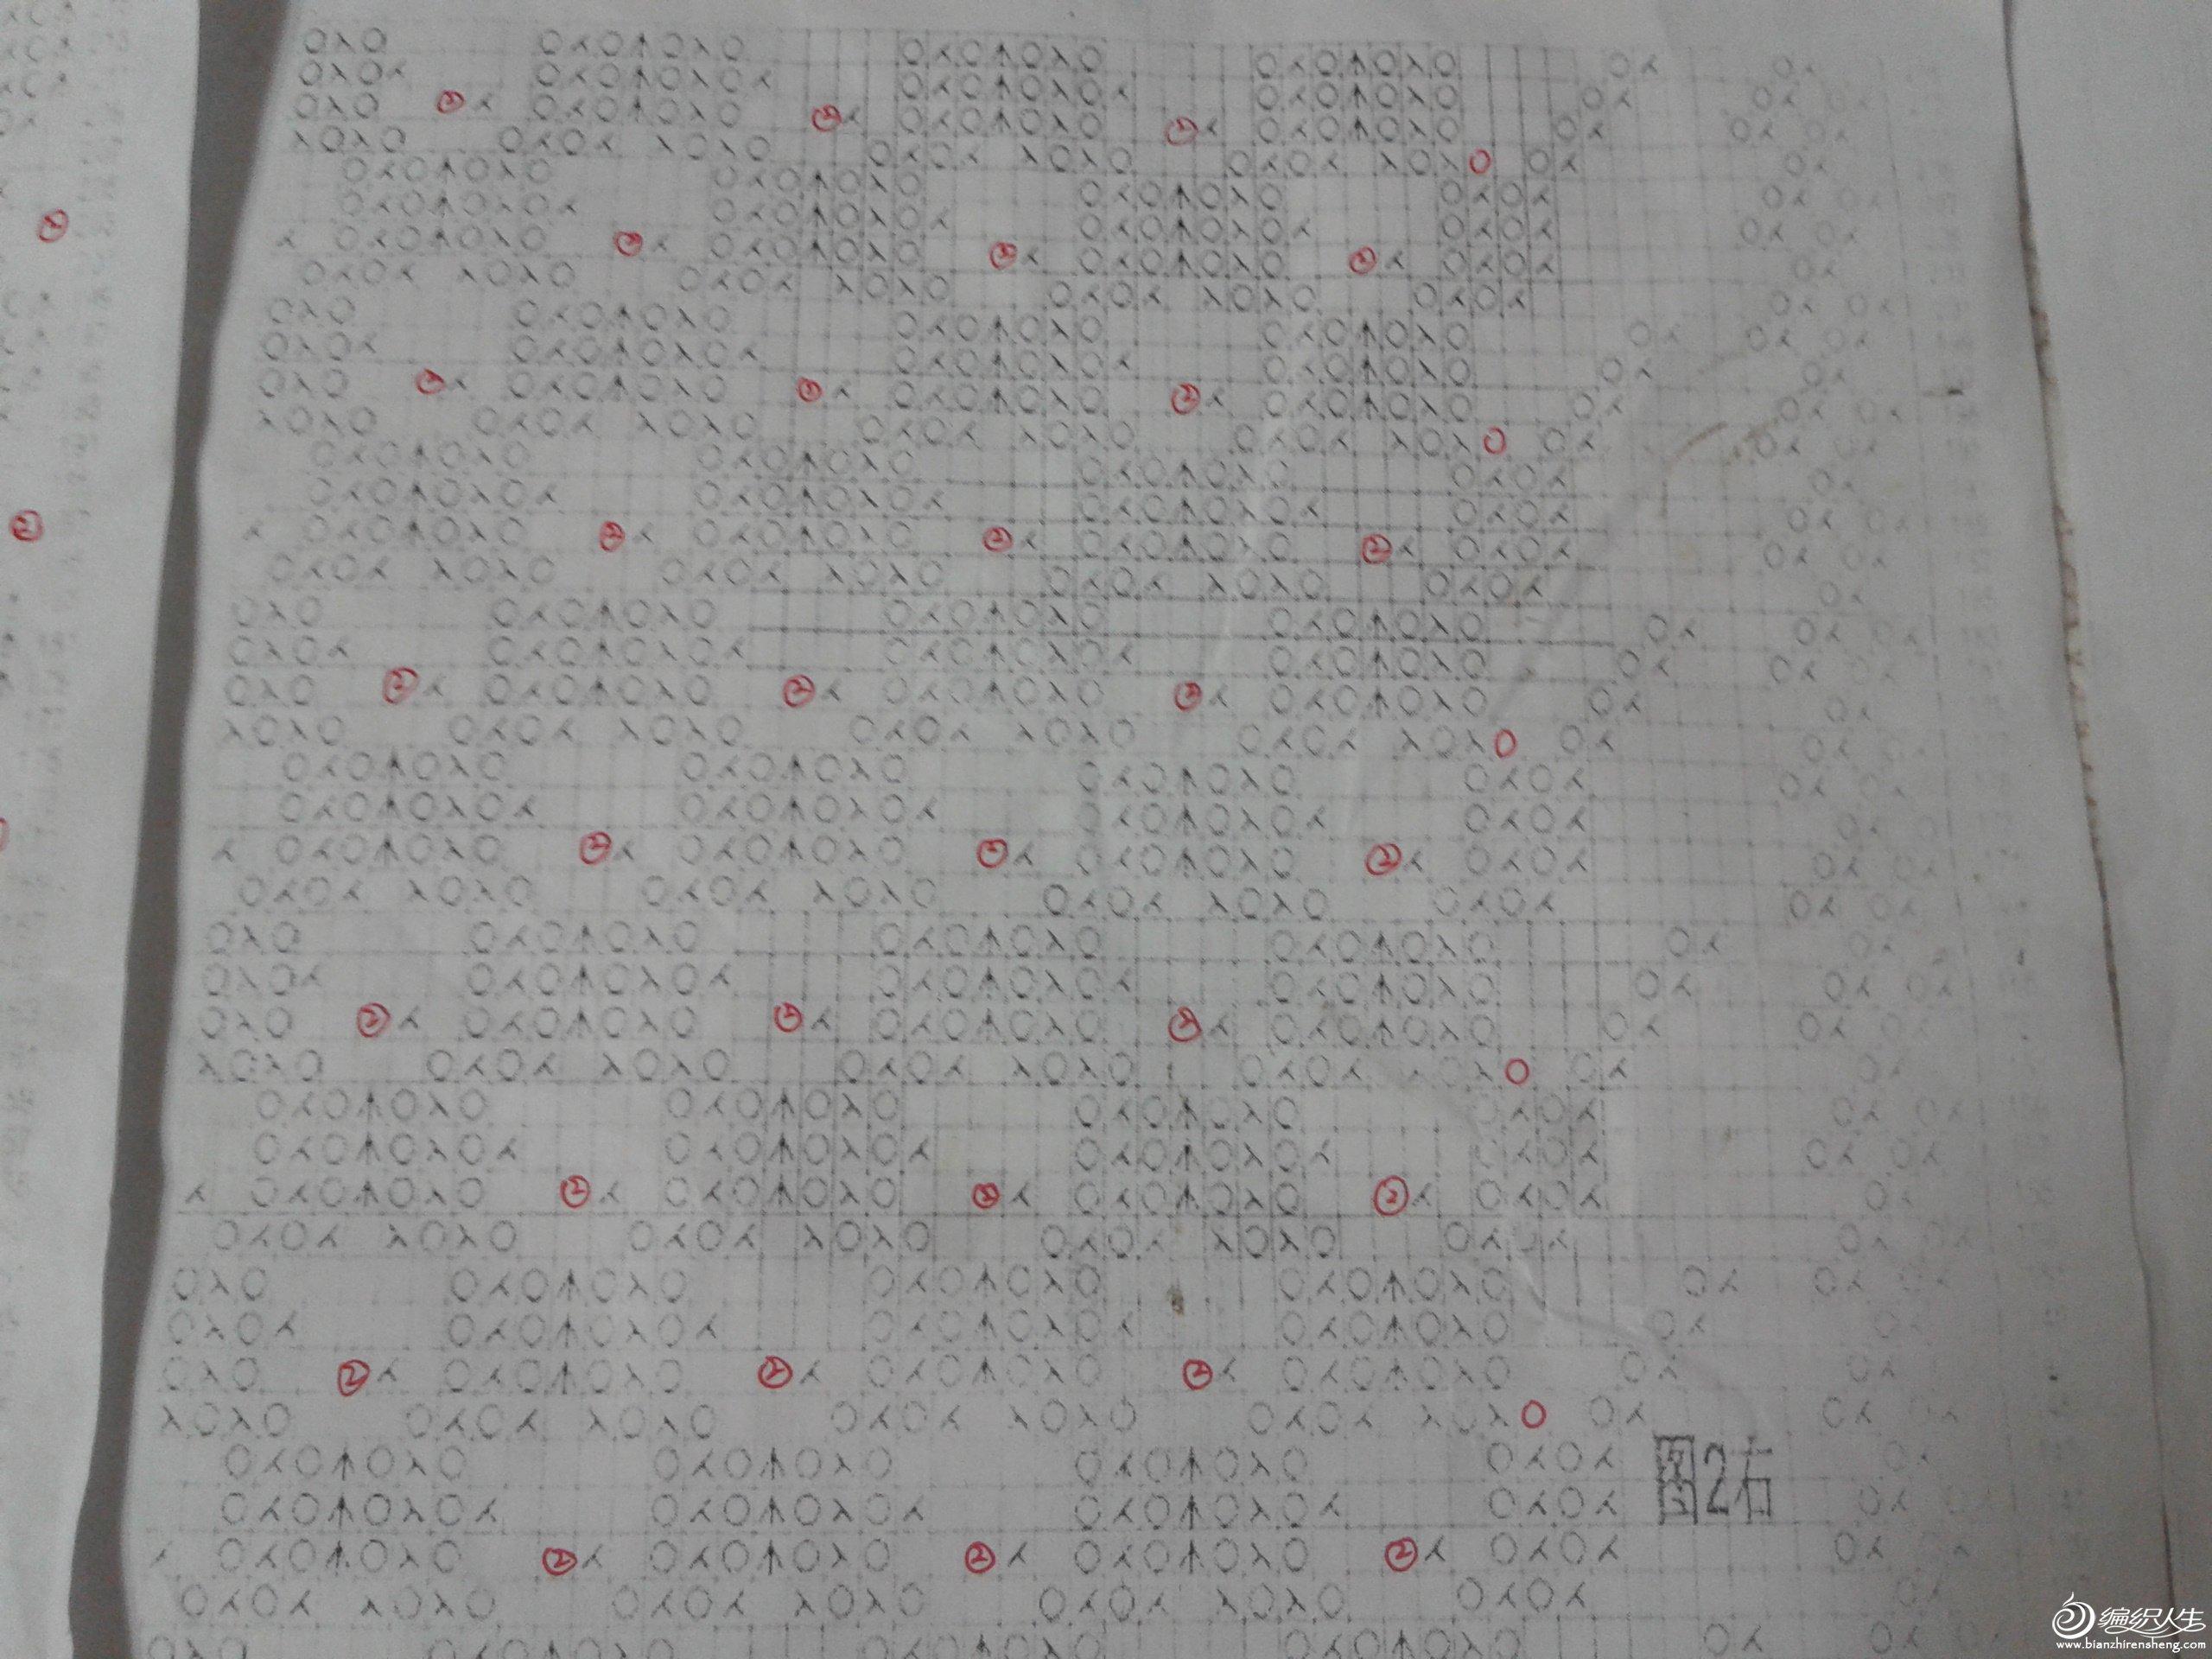 2012-11-05 19.51.43.jpg